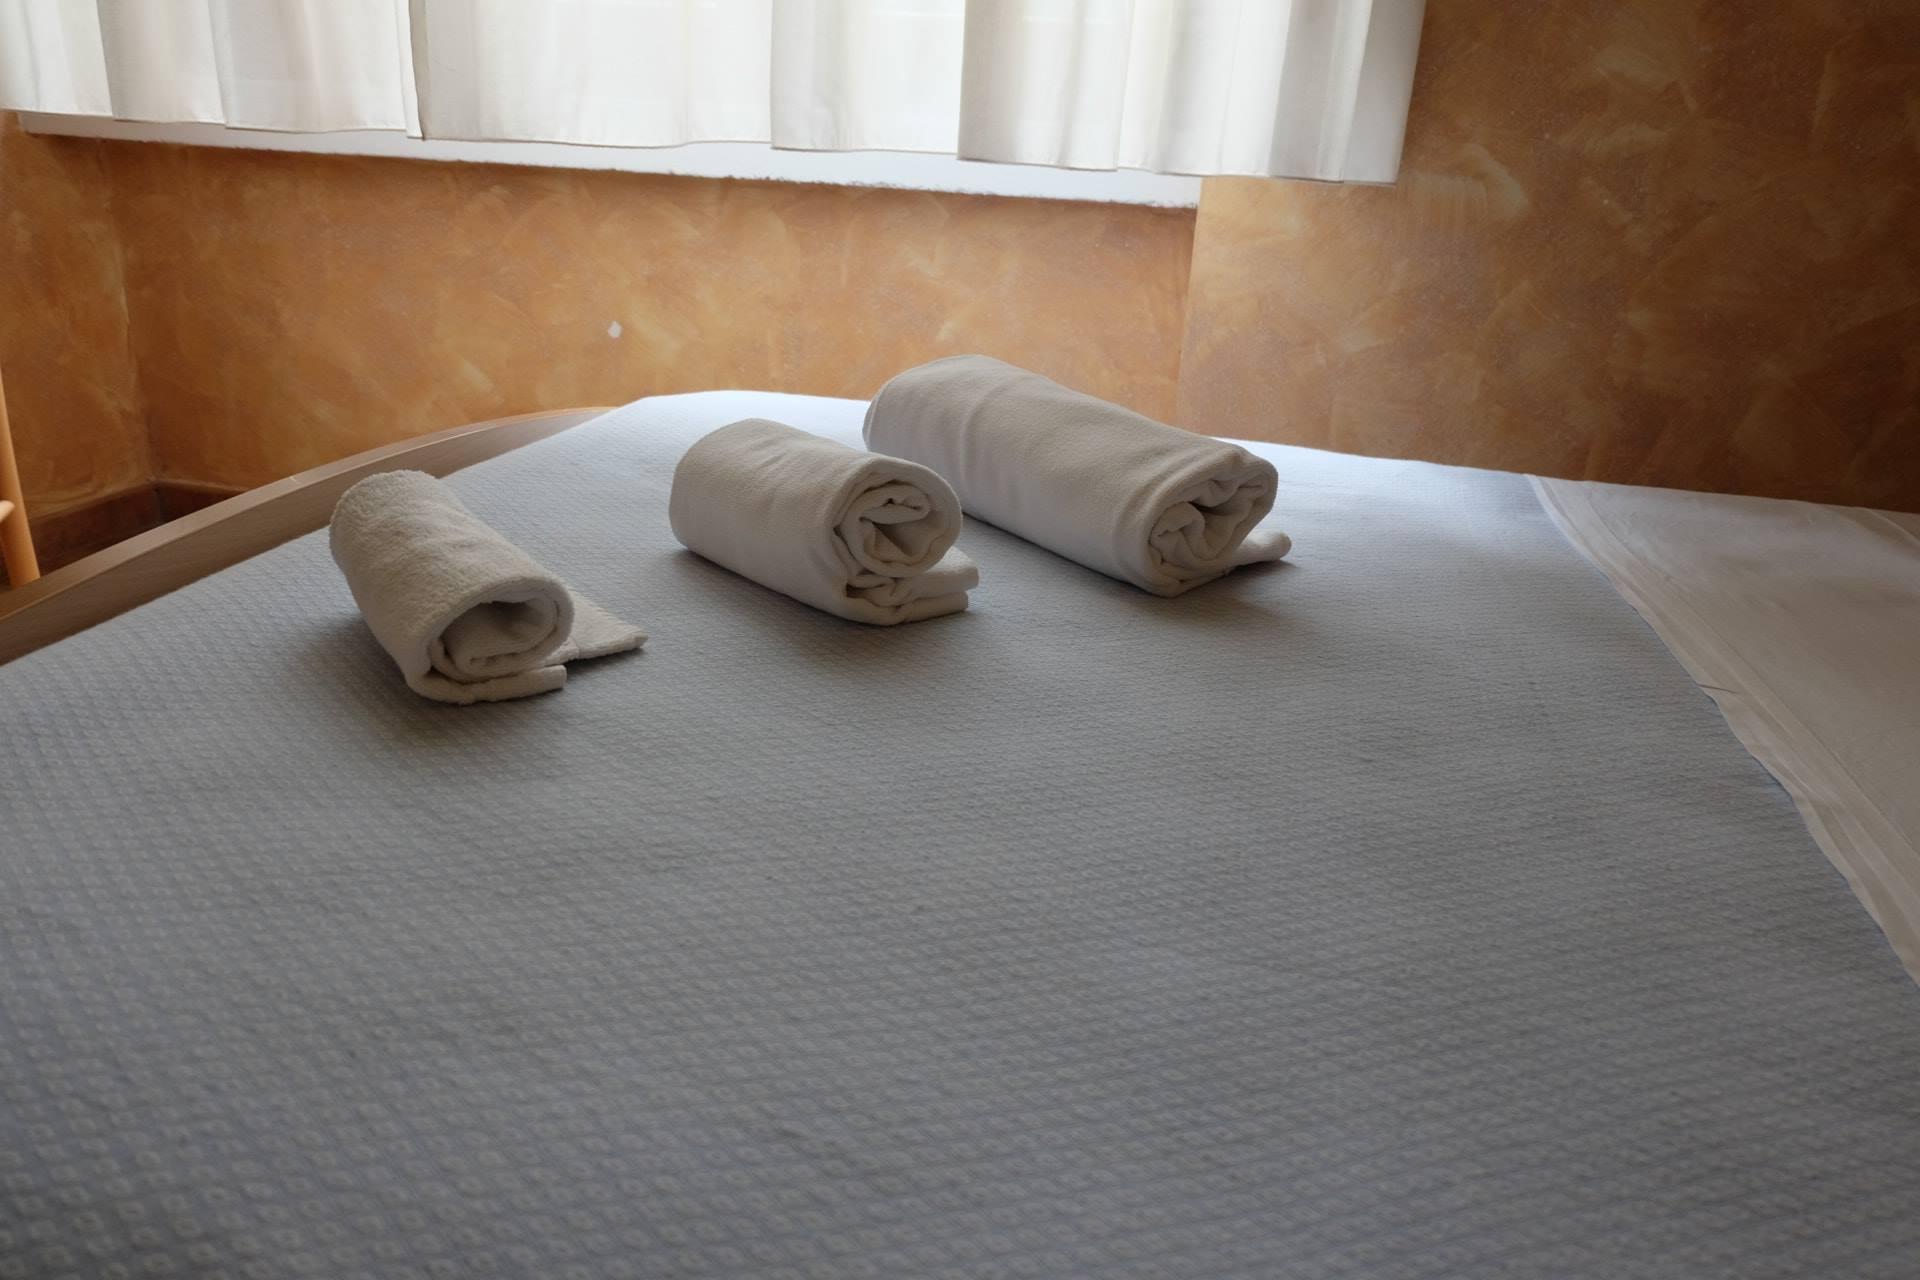 galleria foto camere hostel il tetto melfi ostello dormire soggiorno vacanze basilicata12